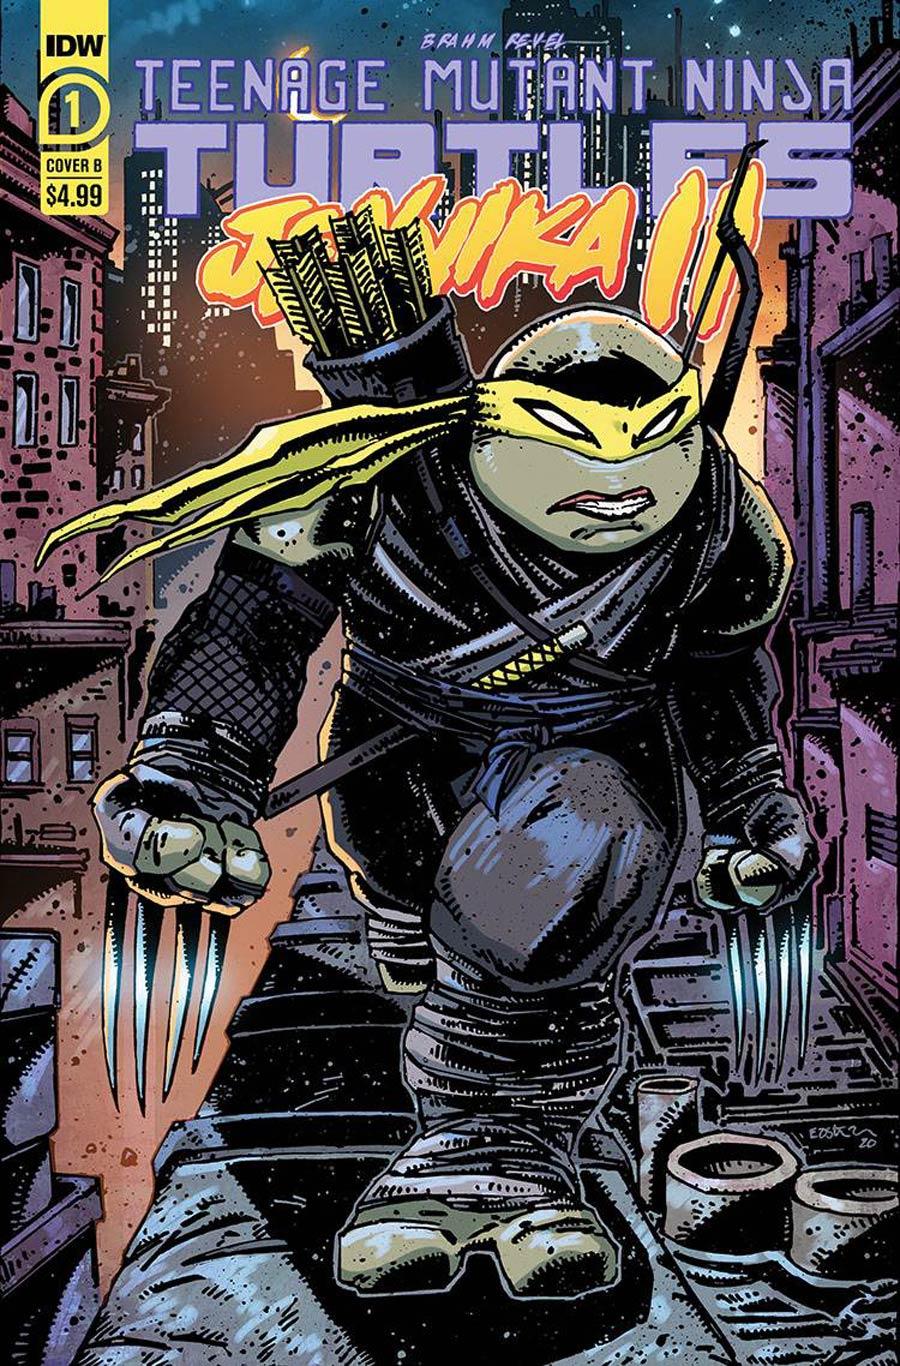 Teenage Mutant Ninja Turtles Jennika II #1 Cover B Variant Kevin Eastman Cover